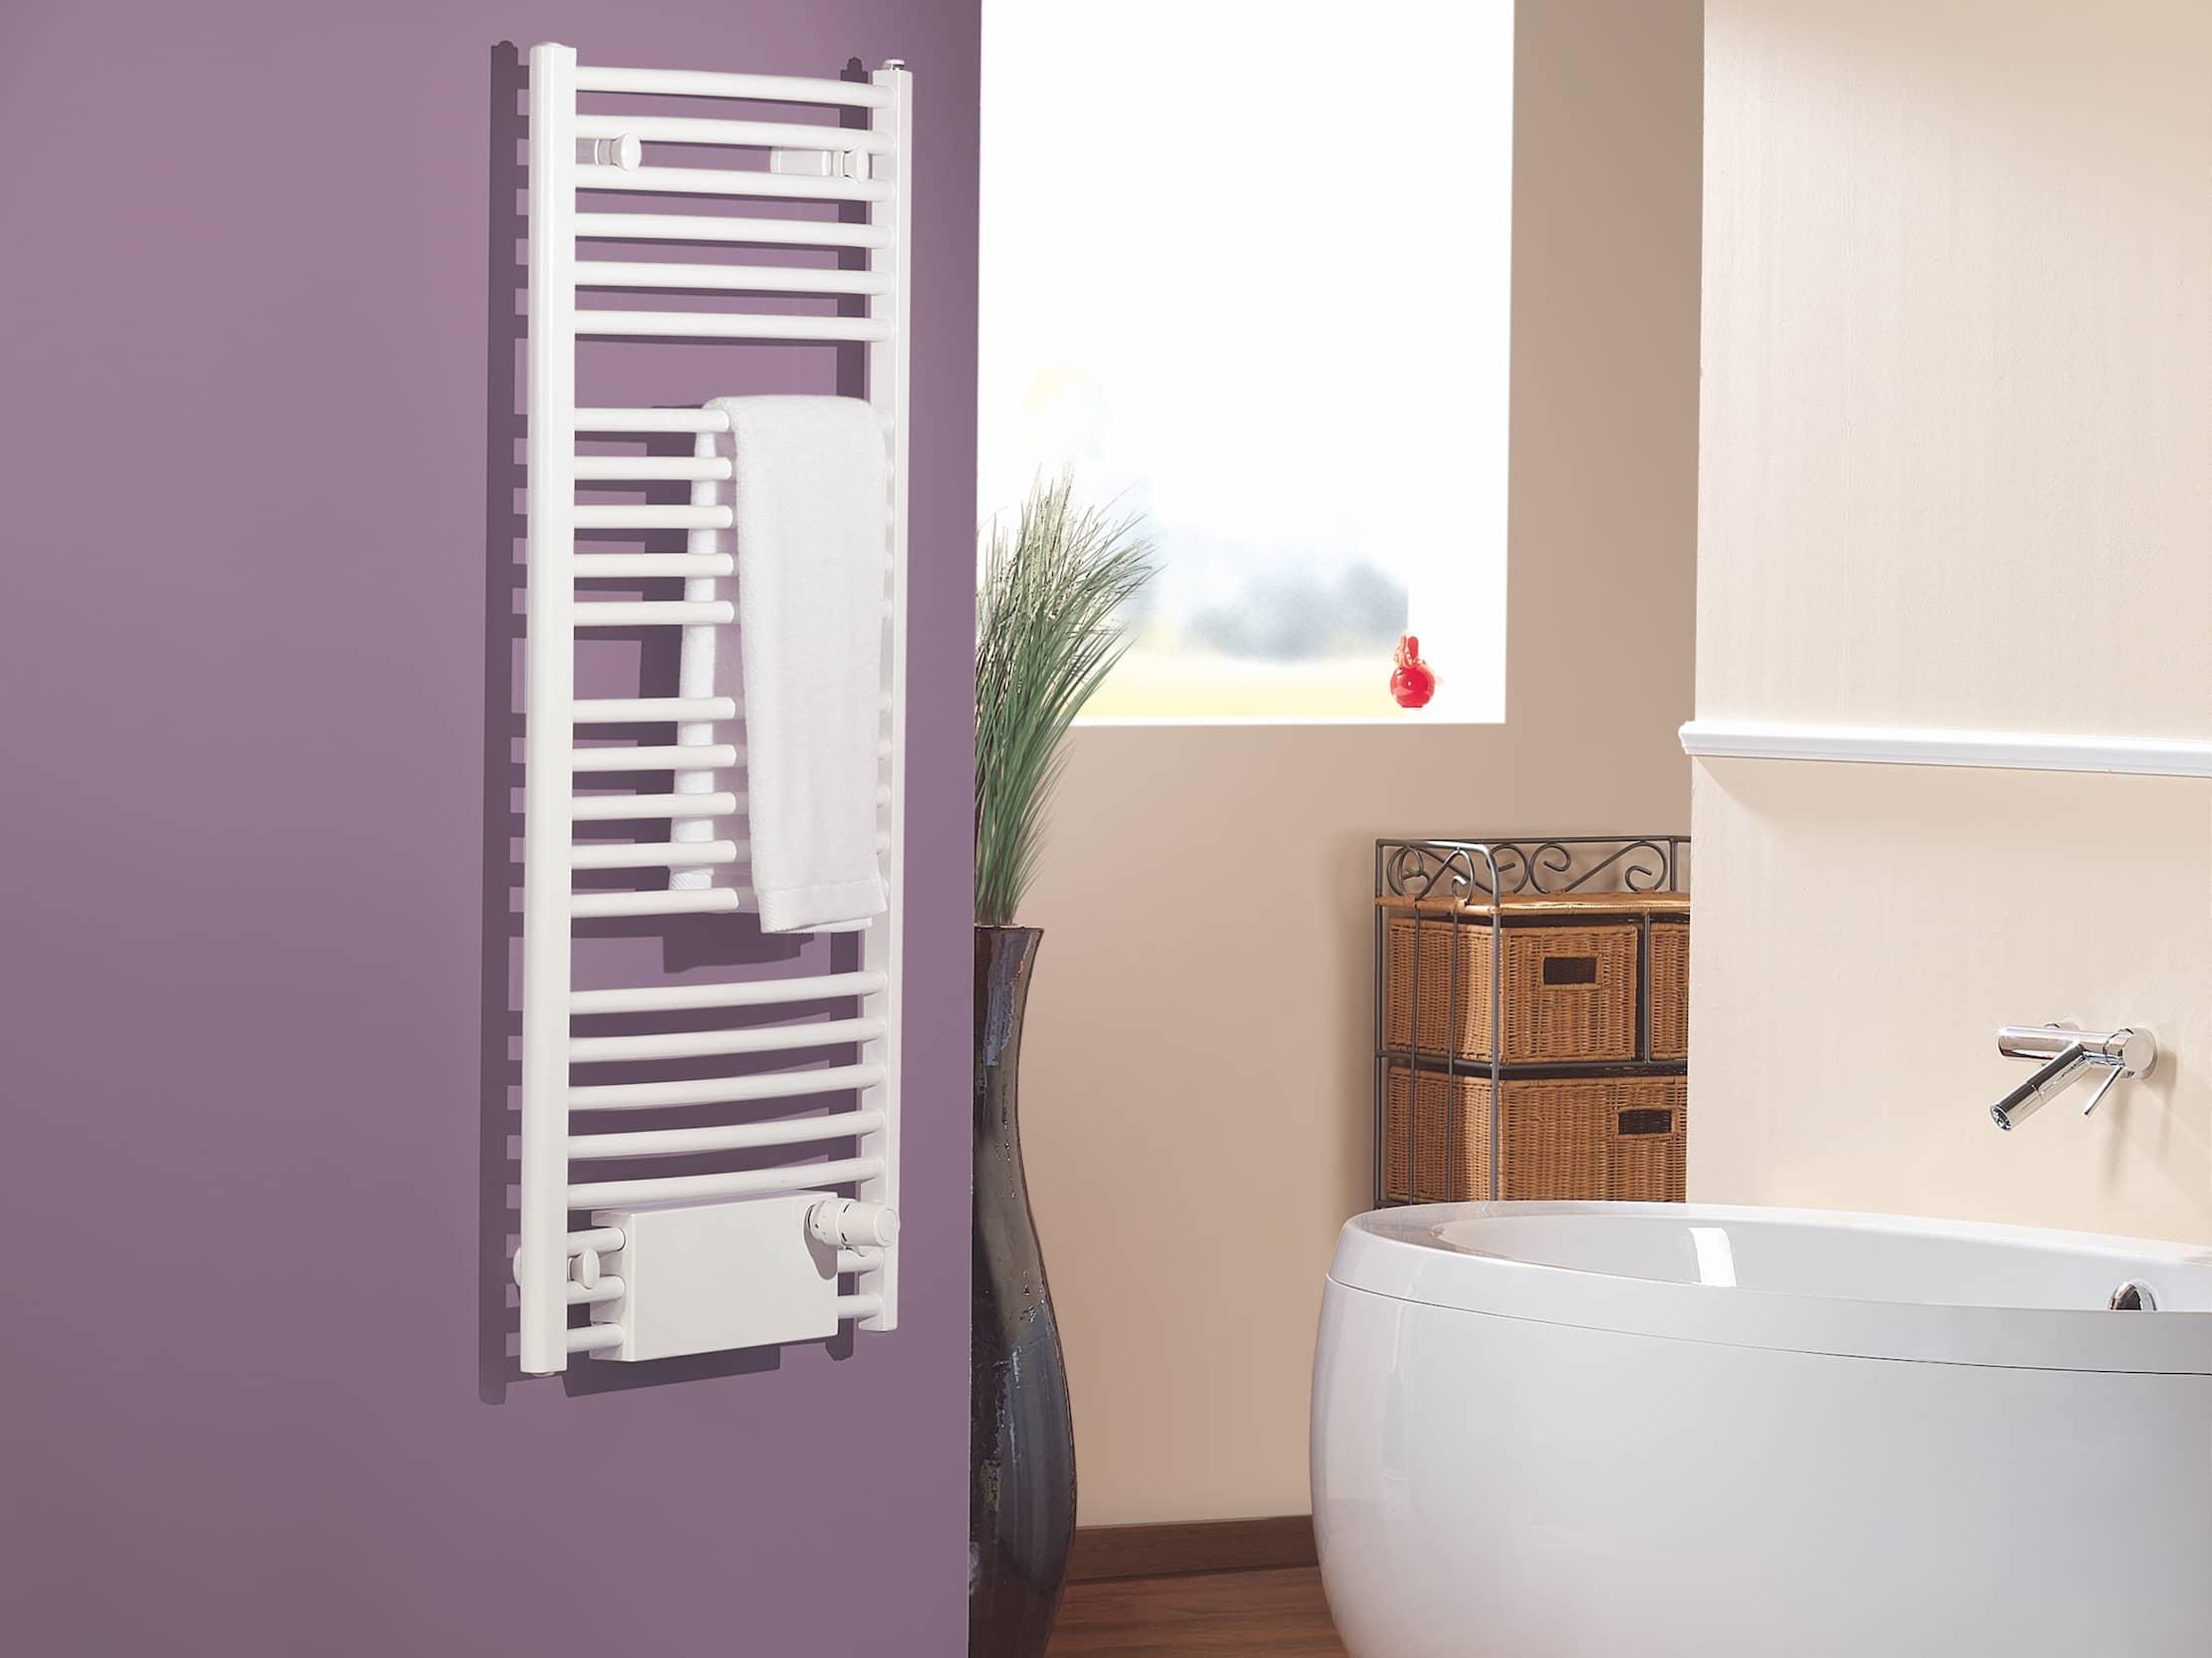 Der weiße Badheizkörper, montiert an der purpurroten Wand im Badezimmer eines Hauses.